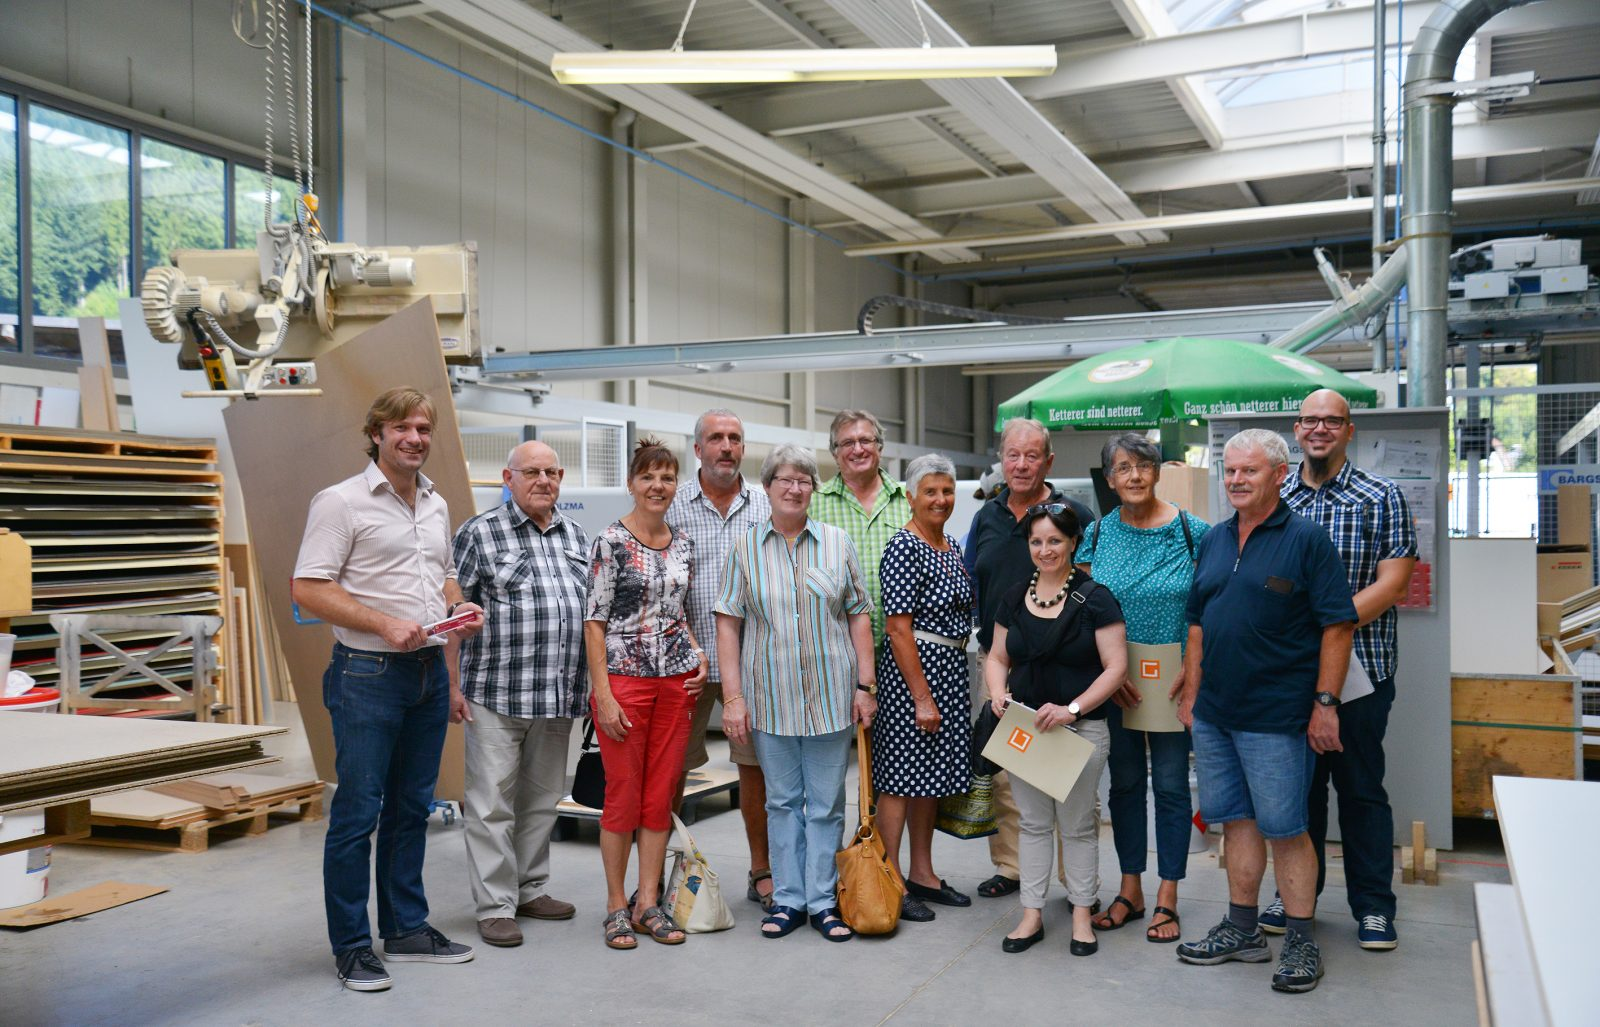 Zehn OT-Leser zu Gast bei Geiger Raumkonzepte